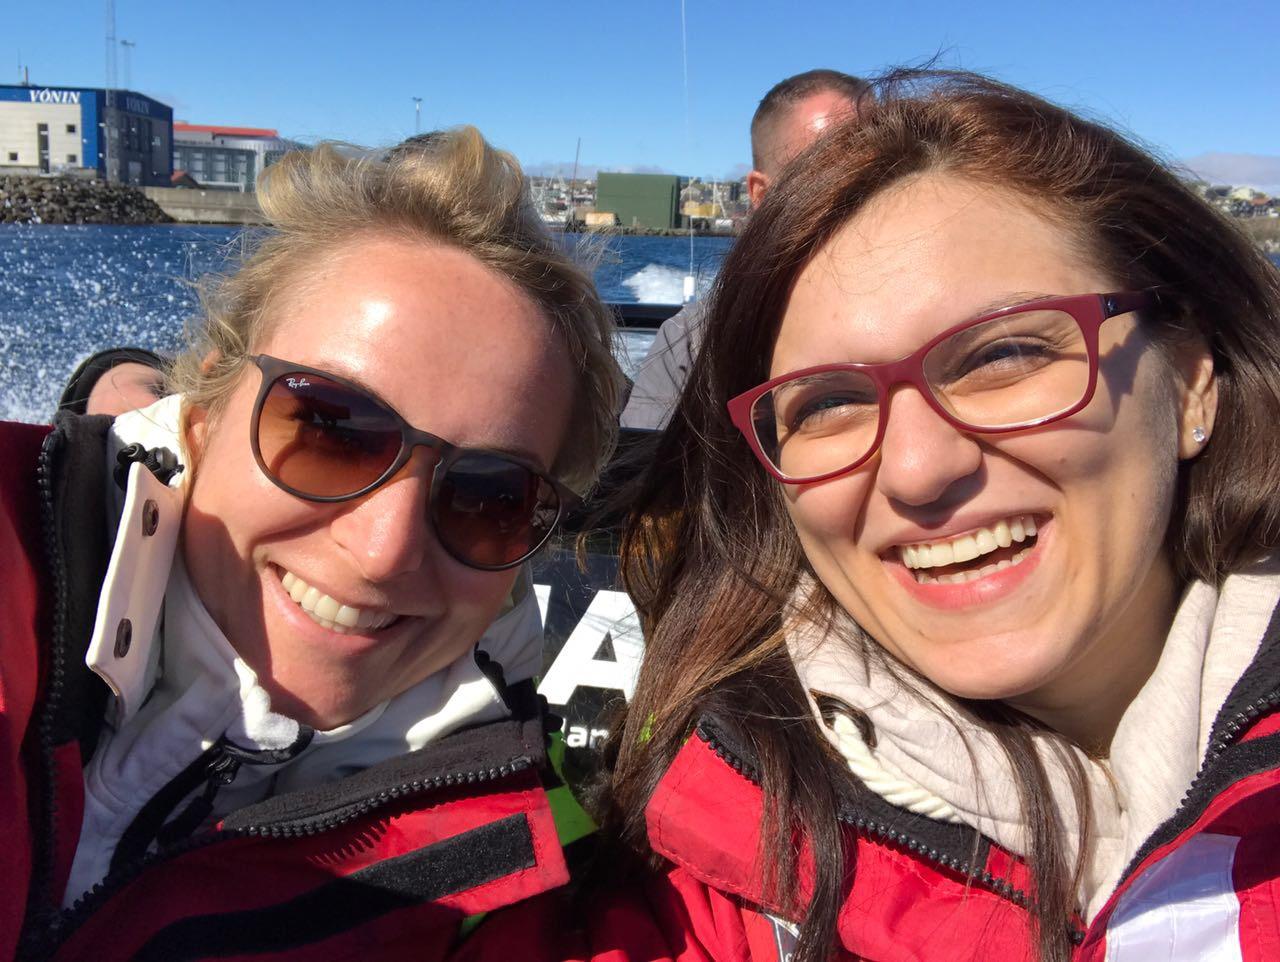 RIB Boat Ride with Franziska Winkler